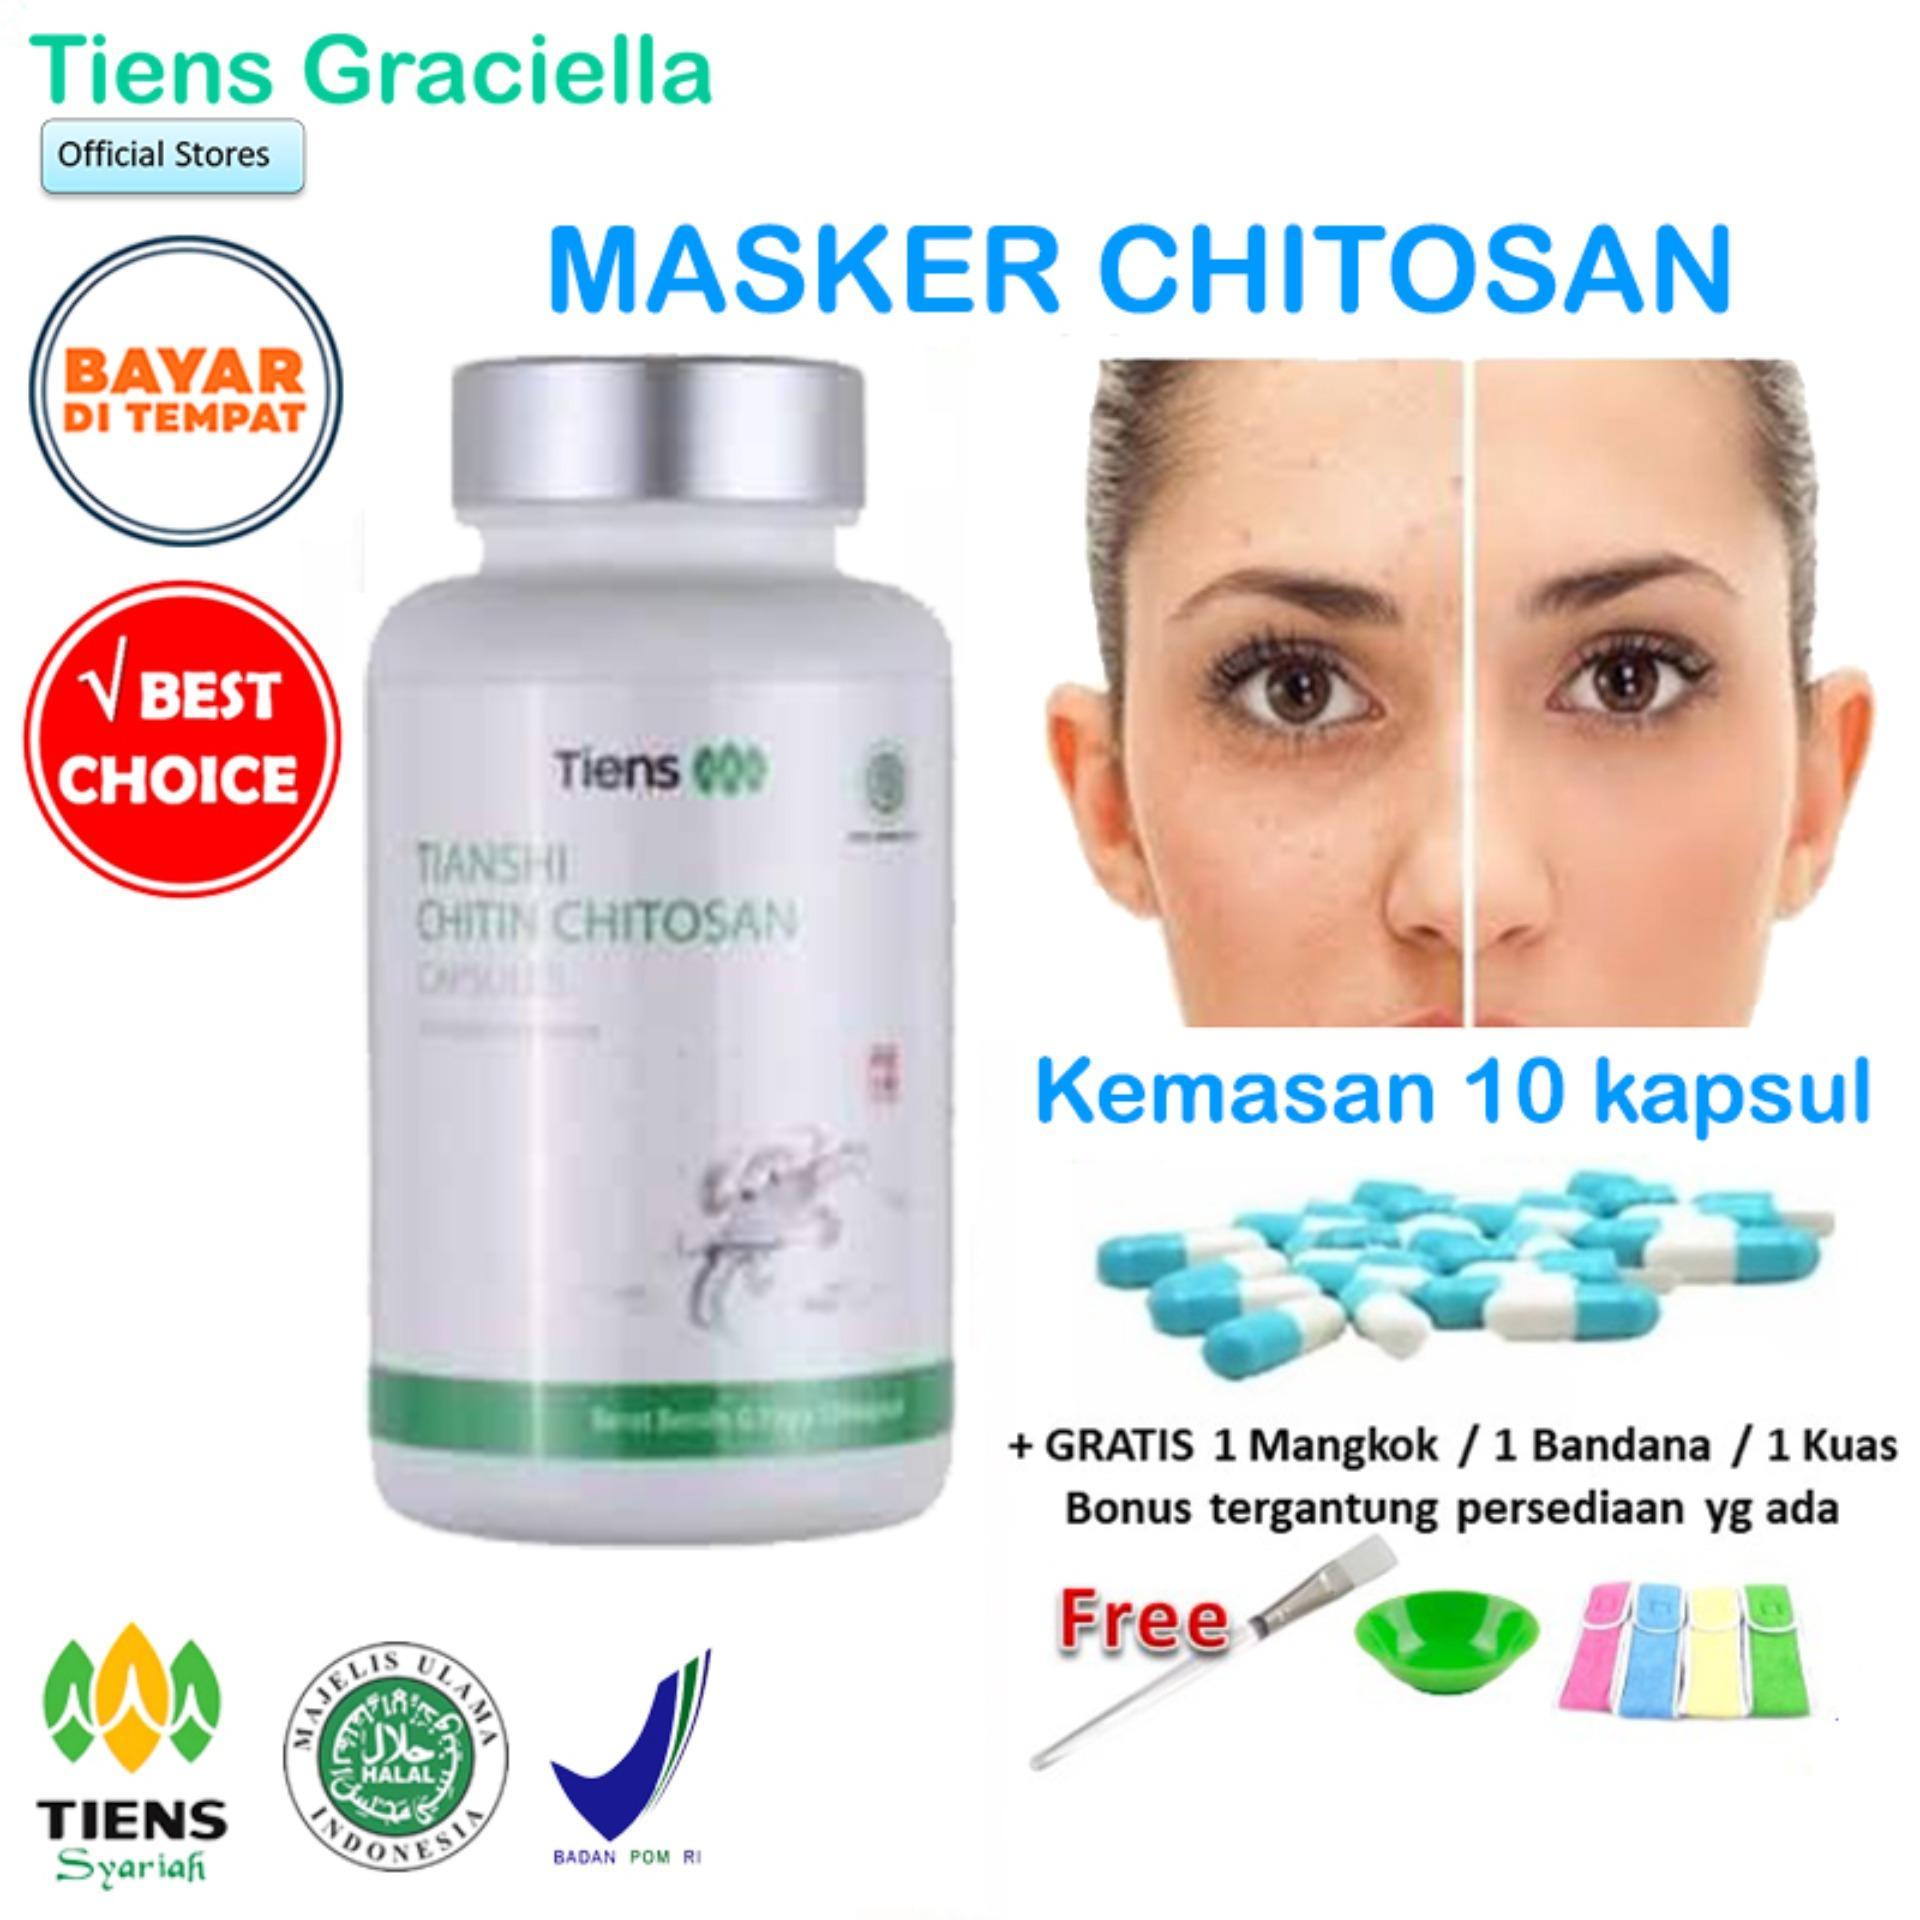 Tiens Chitosan Masker Anti Jerawat - Paket Promo Banting Harga 10 Kapsul + 1 GIFT +